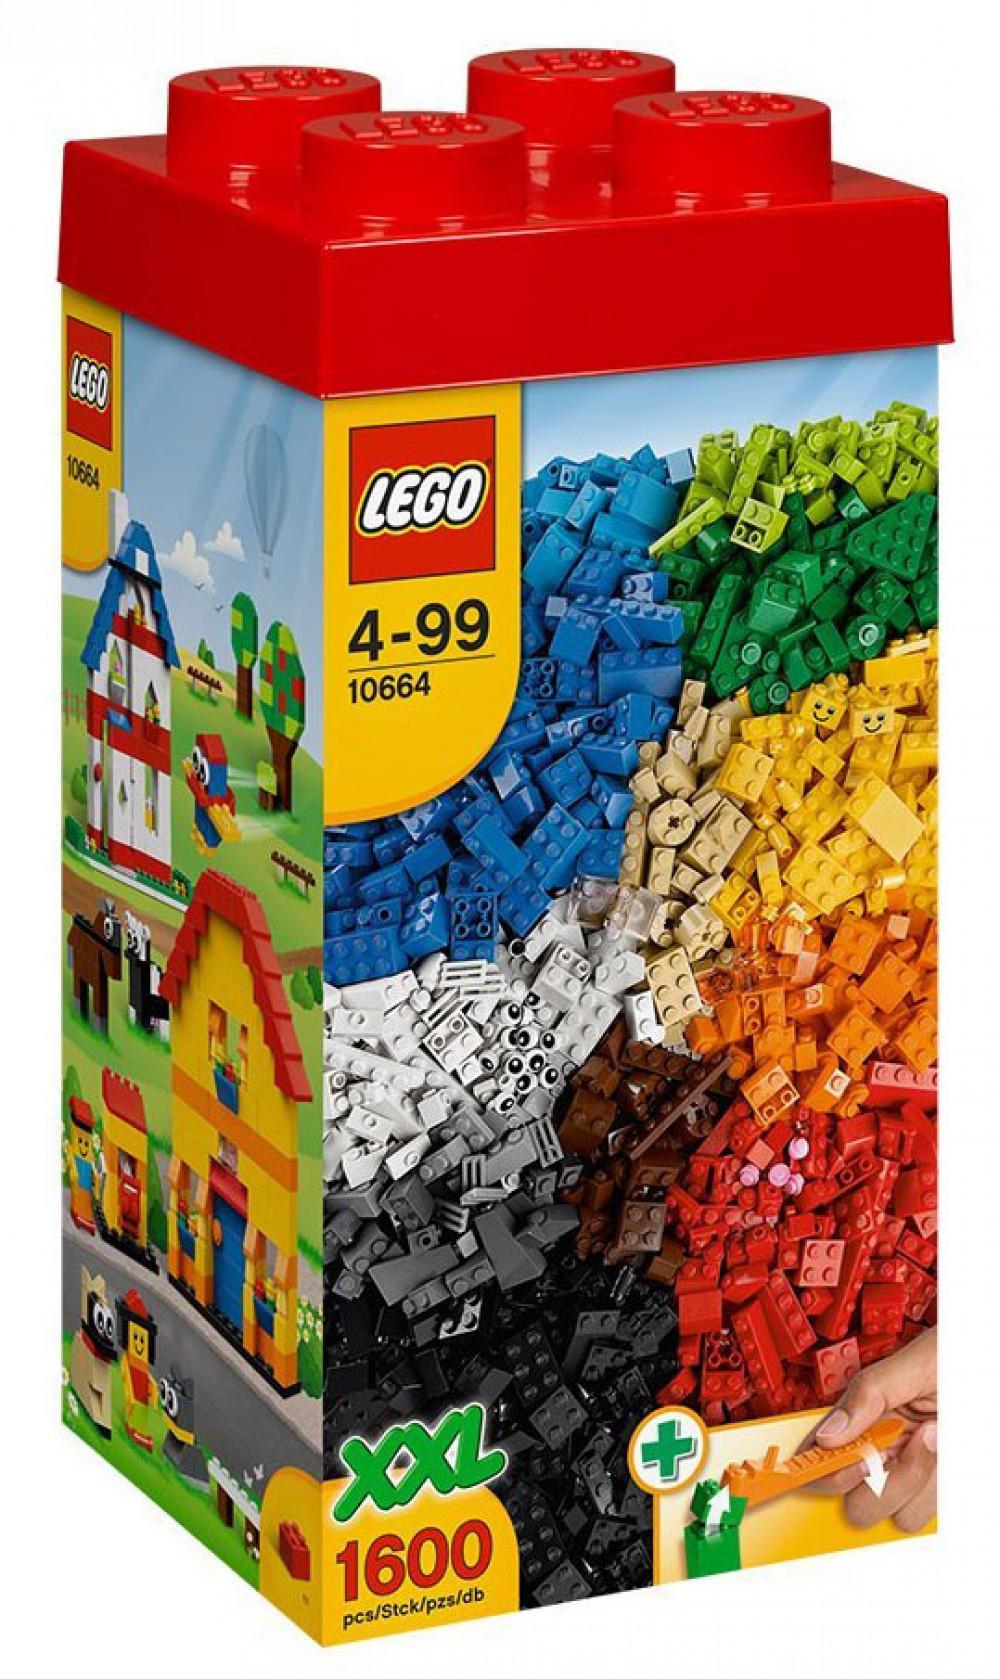 lego briques xxl